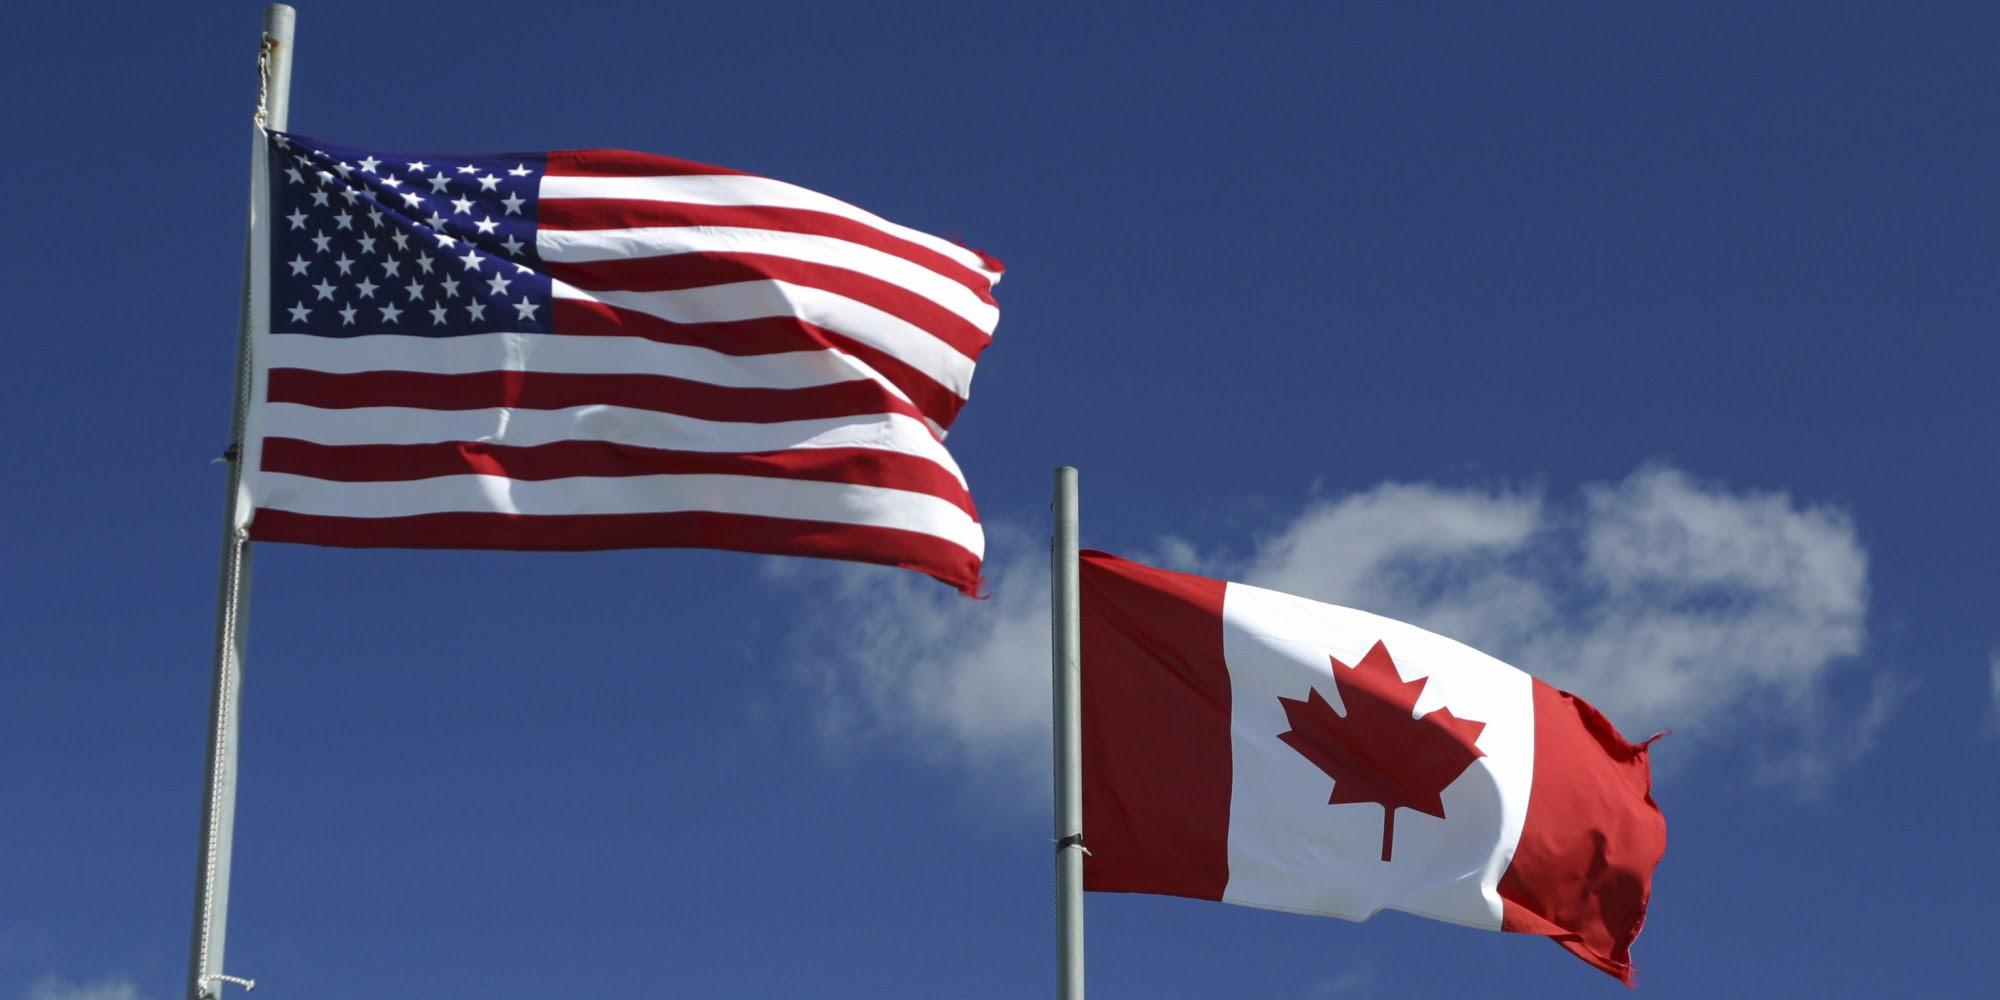 كندا تُمدد اتفاق إغلاق الحدود الأمريكية حتى يوم 21 أكتوبر